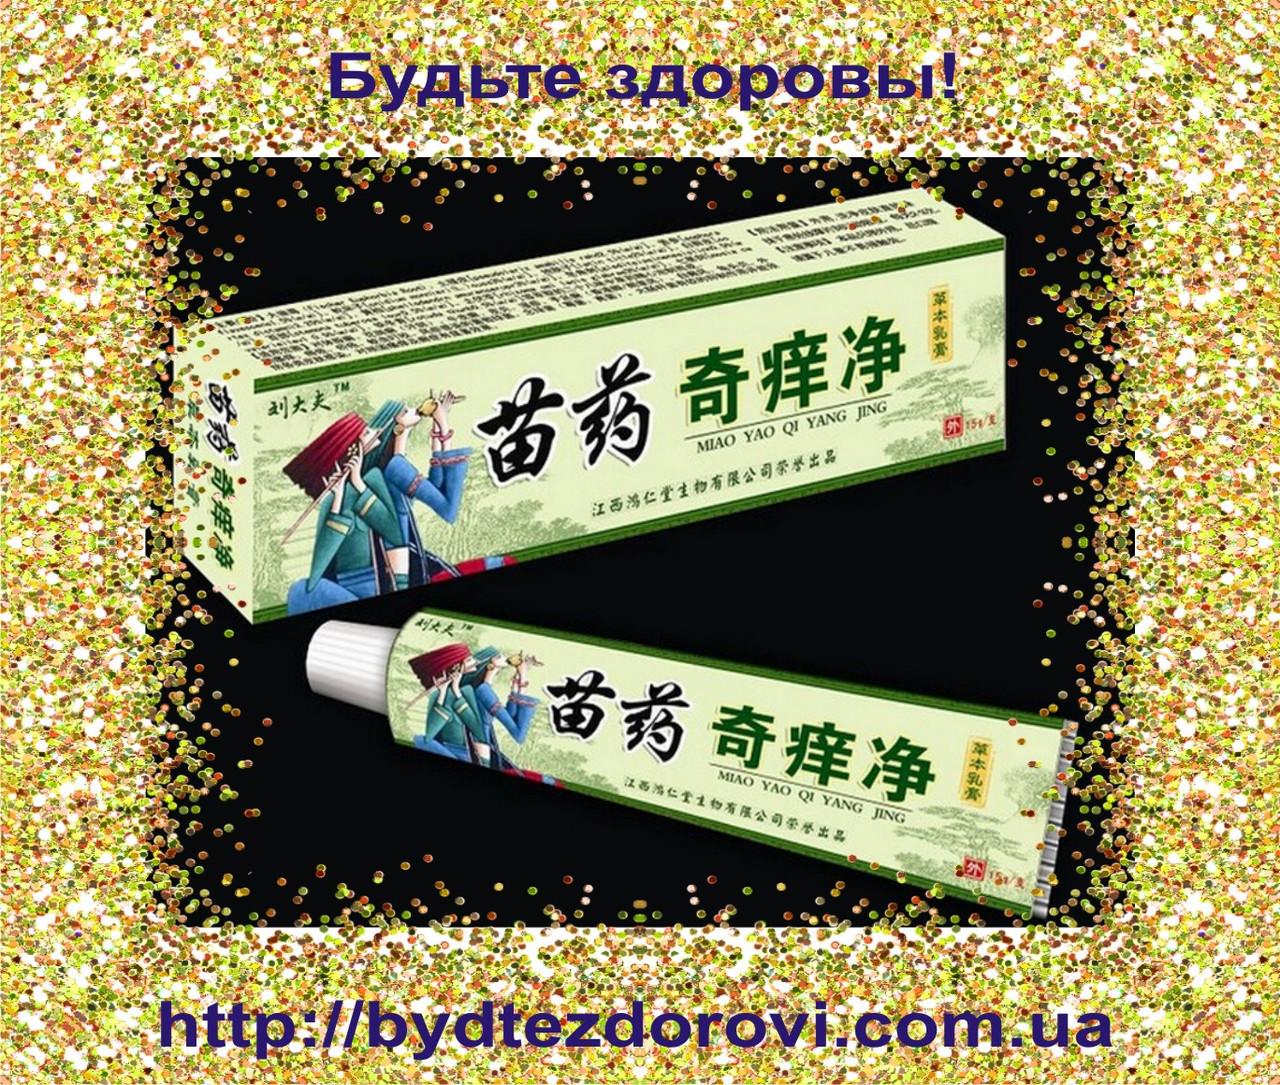 """Антибактериальный крем """"MIAO YAO QI YANG JING"""" (15гр.) - Komfortshop - магазин комфортных покупок в Запорожье"""